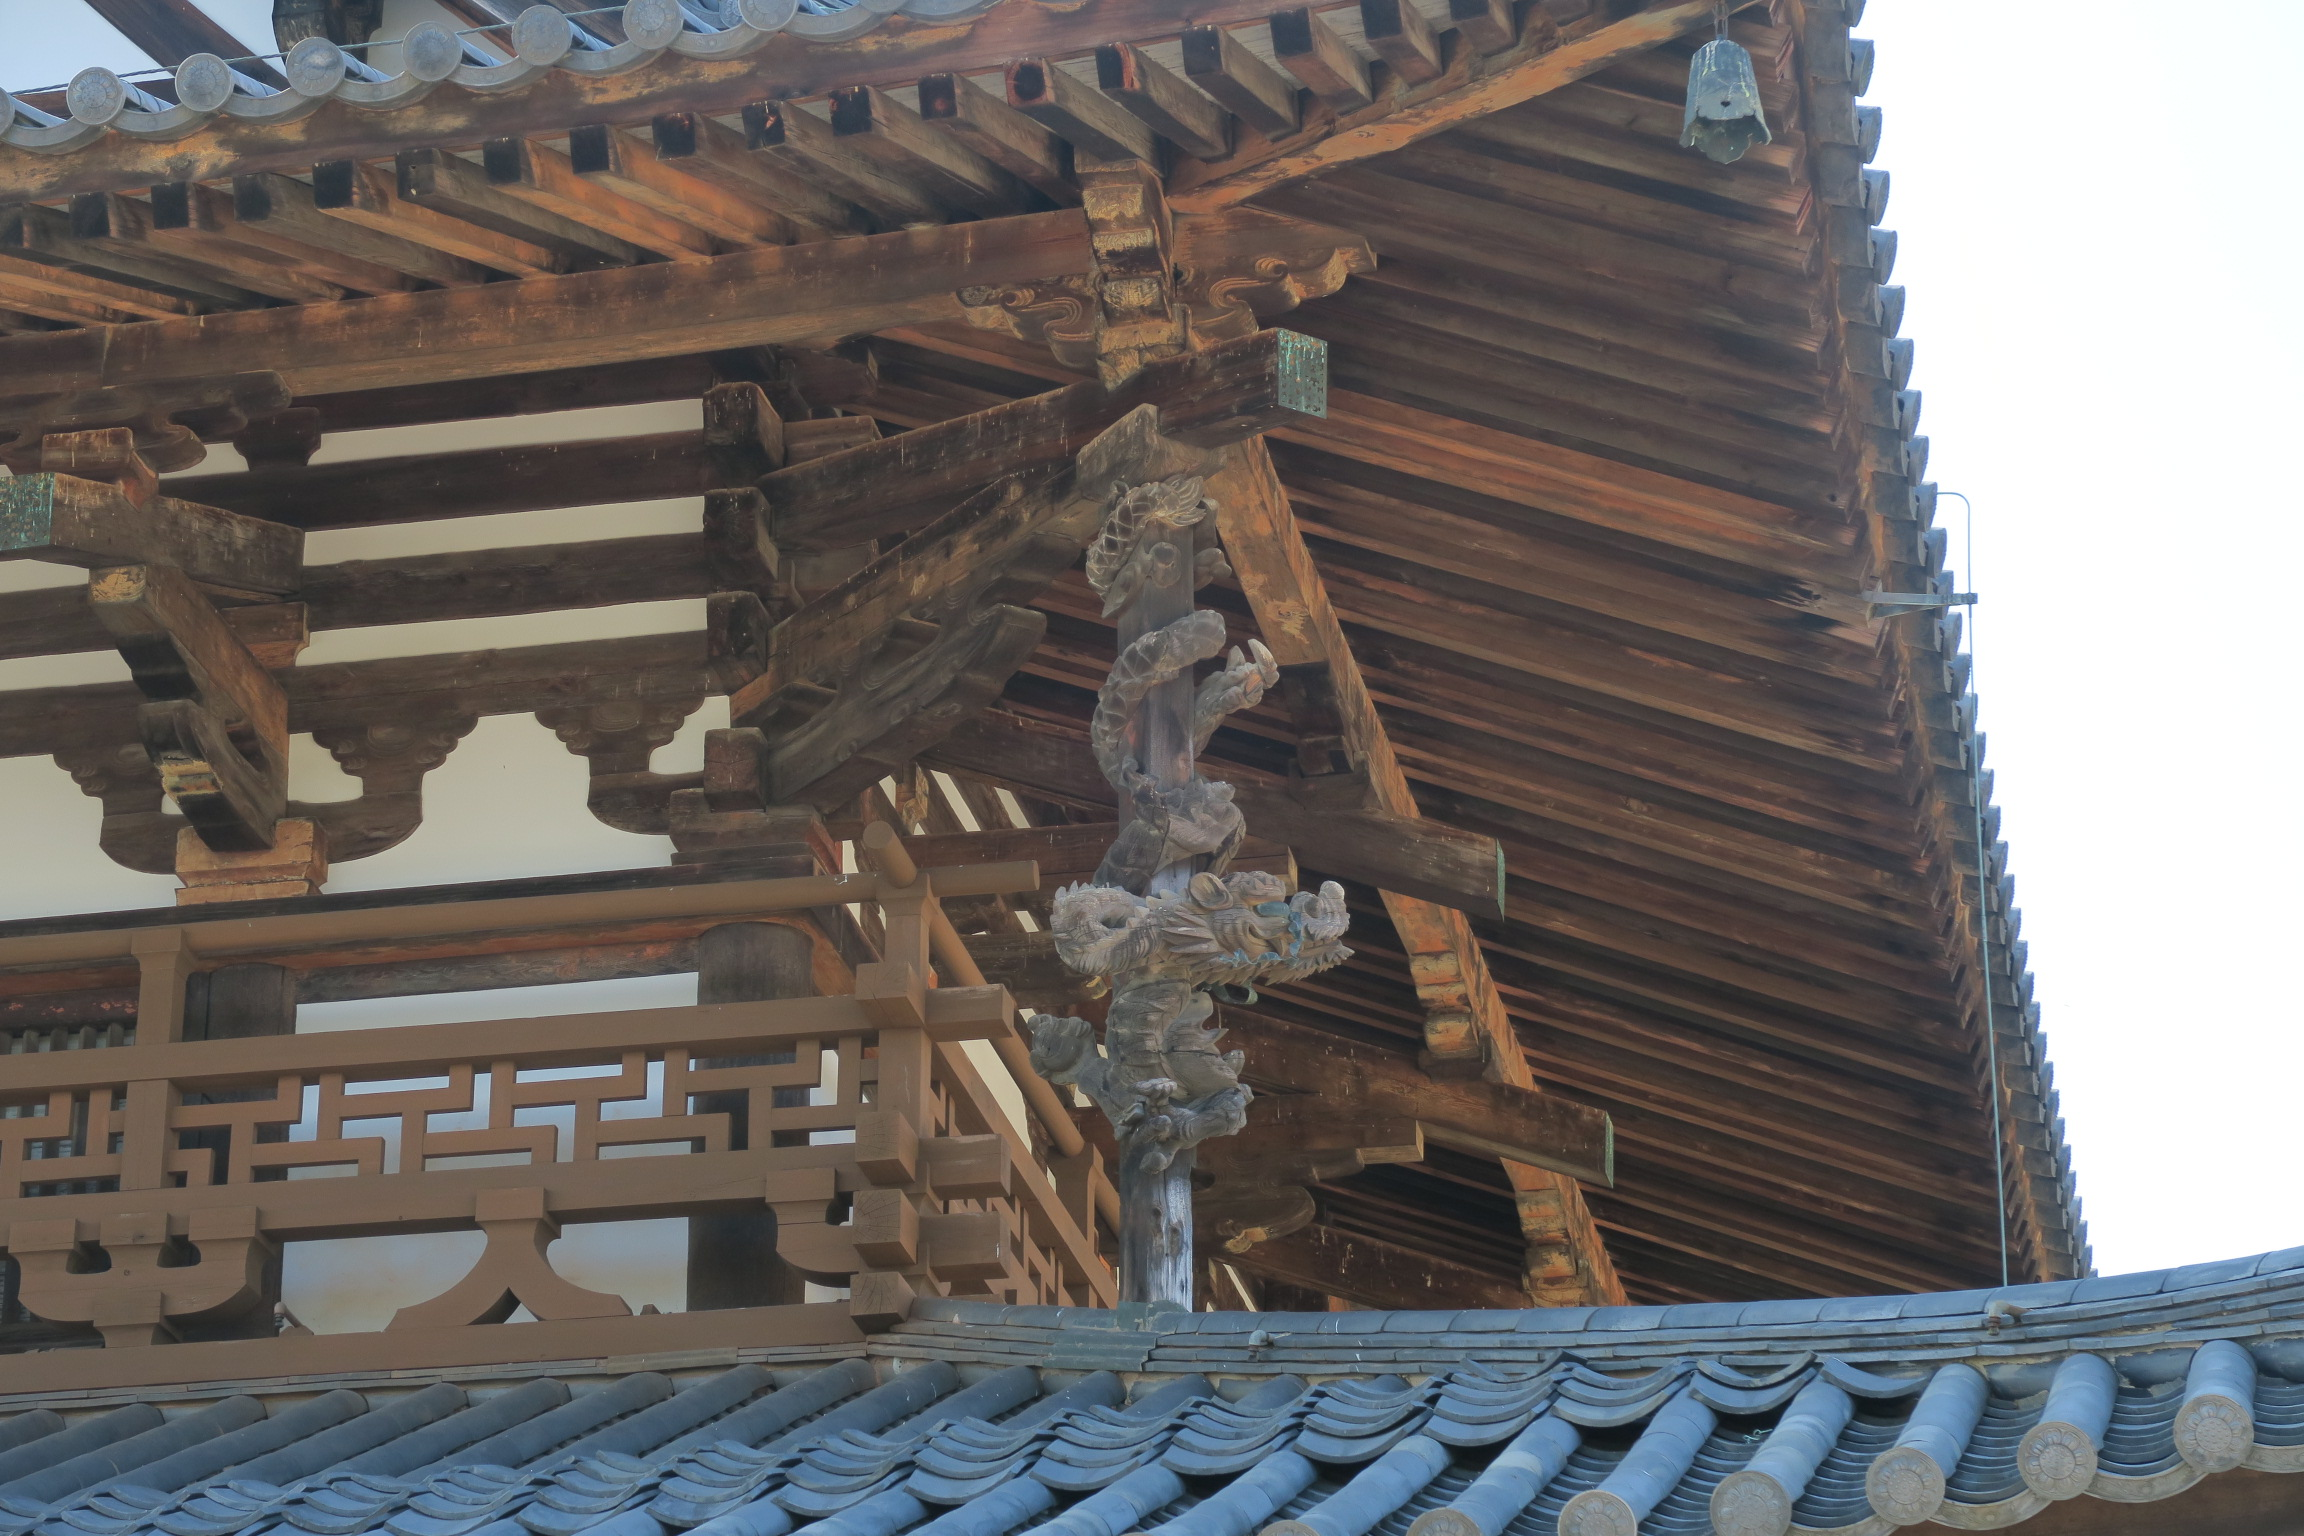 屋根の間にある「龍」は、創建当時のものではないそうで、装飾に賛否あるようですね・・・。